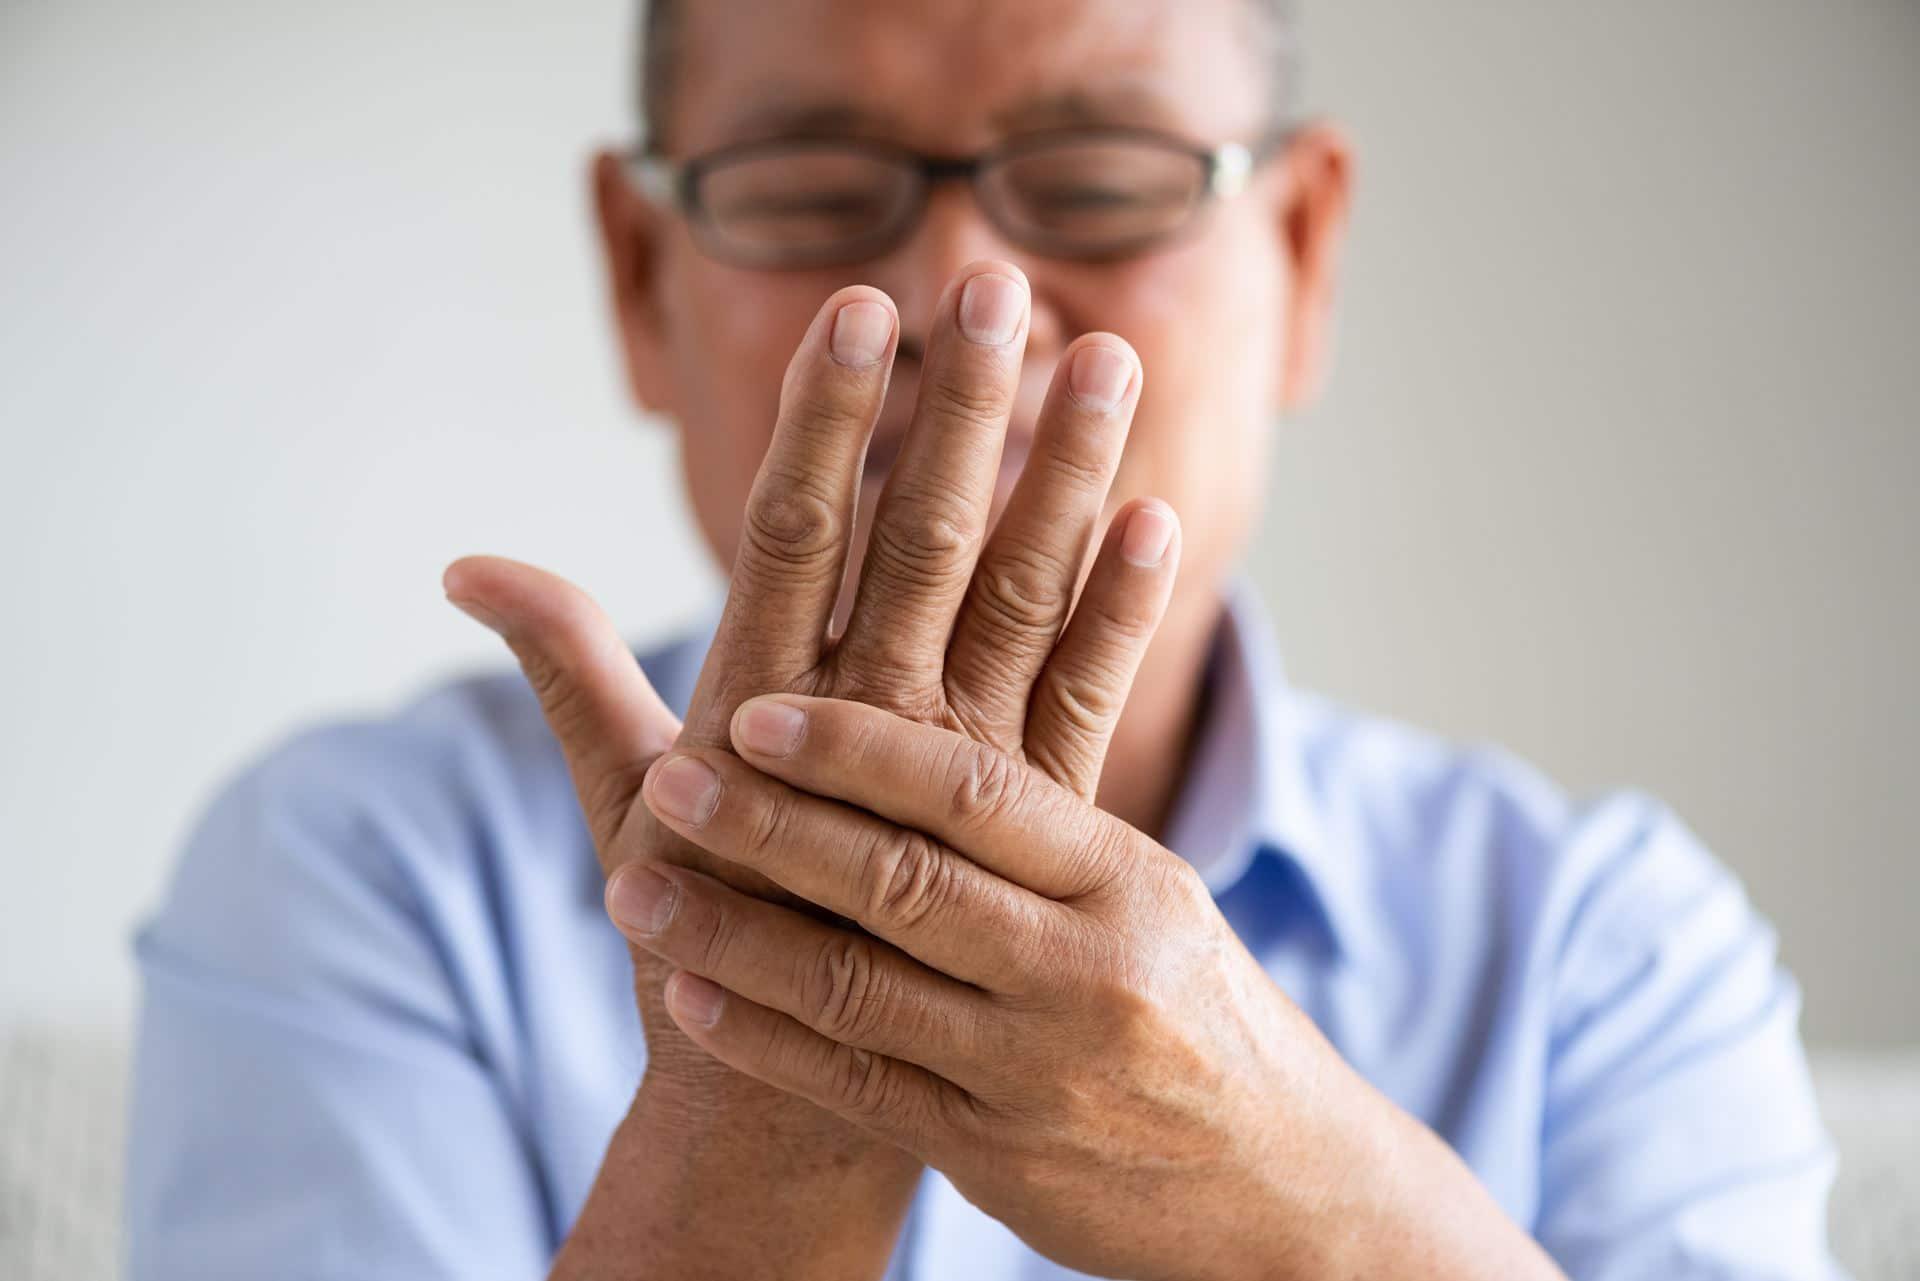 טיפול בהפרעות תחושה וירידה תחושתית - Restart Therapy שיקום פרטי בבית